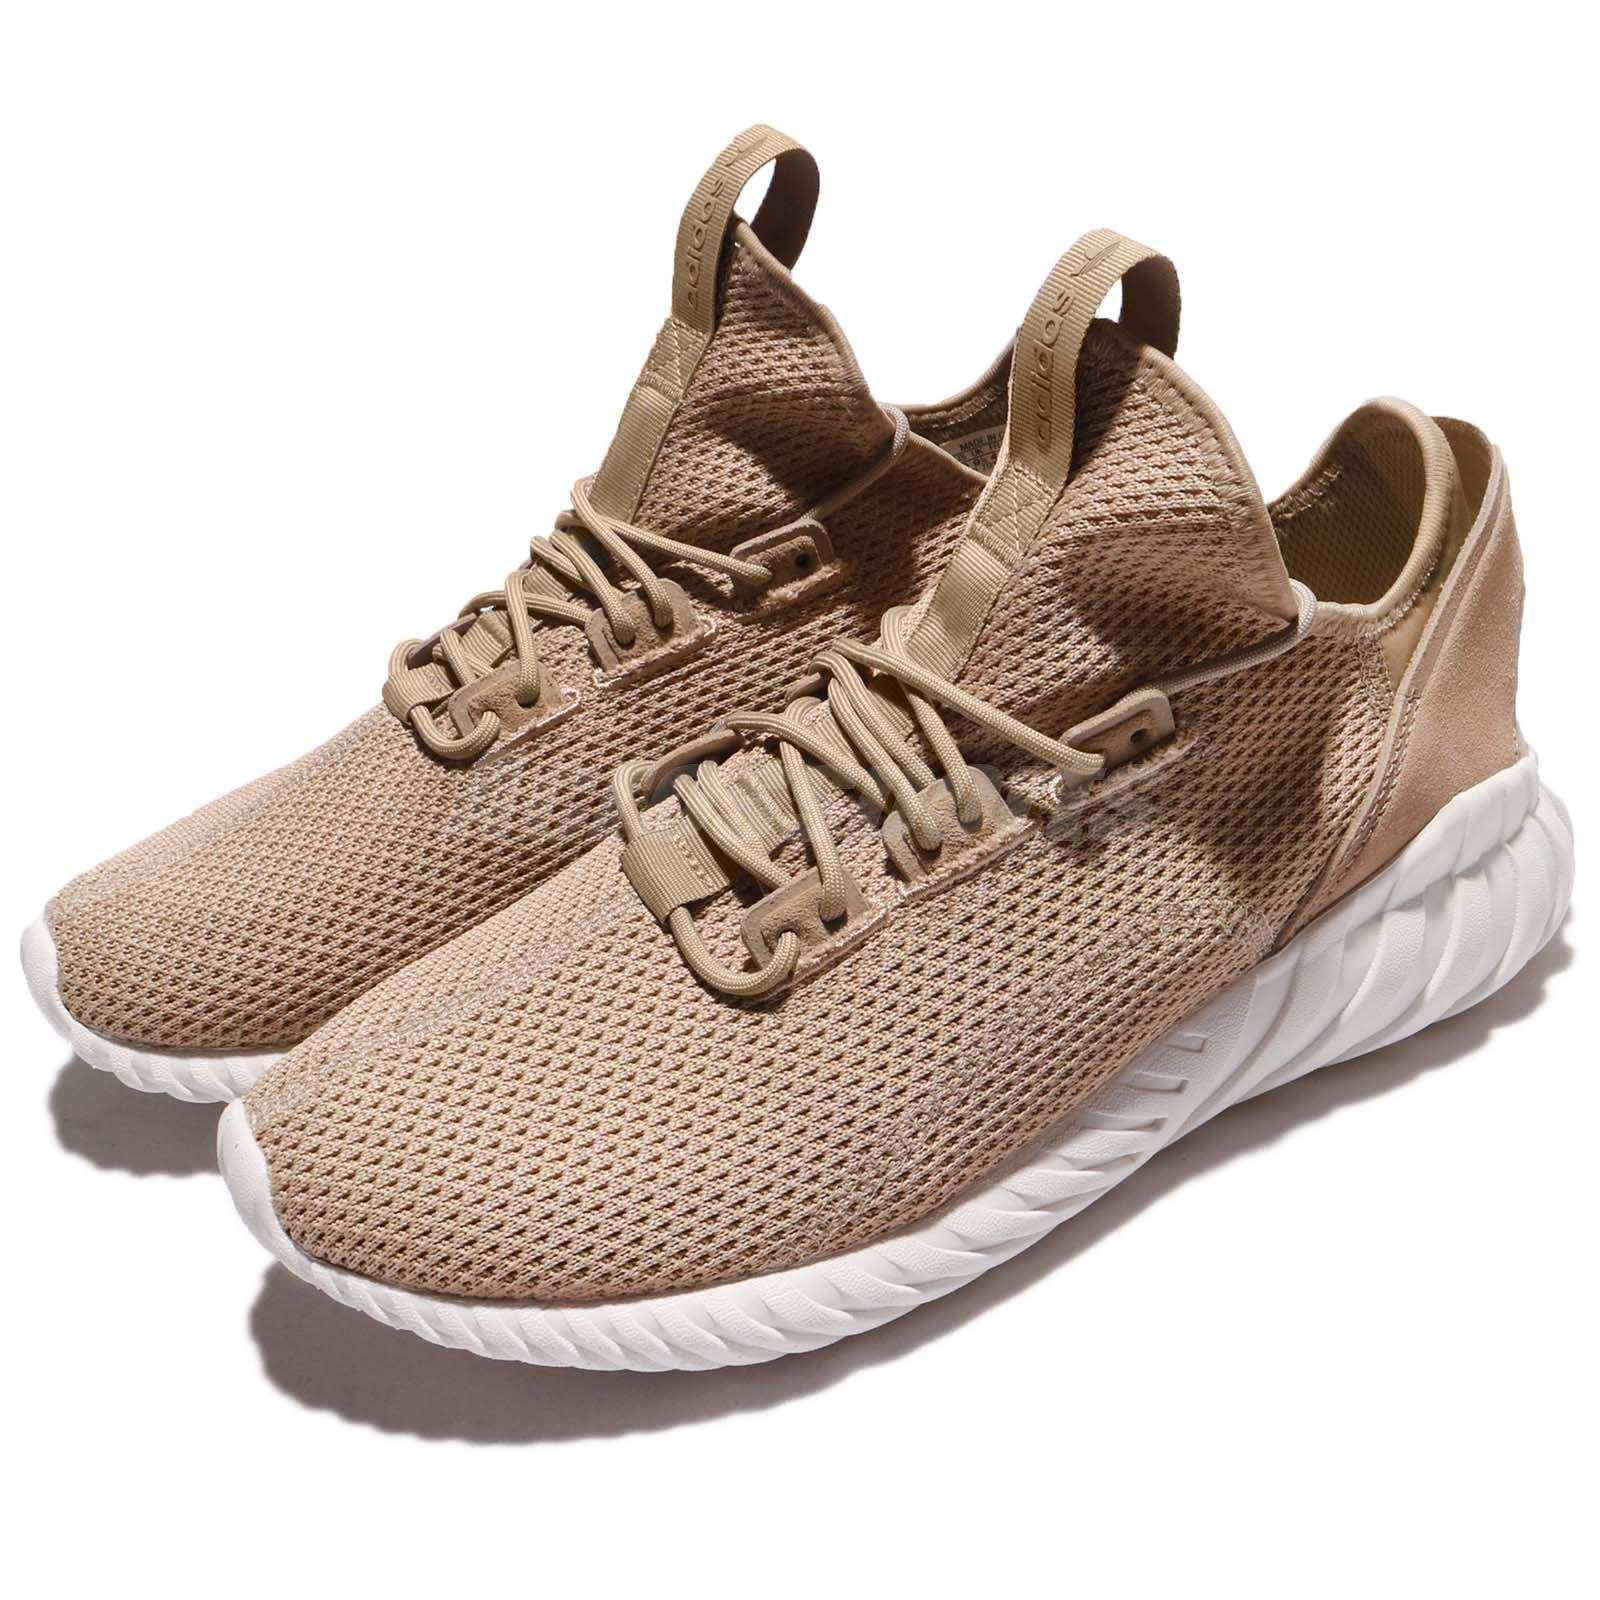 new products 26a59 9f8a8 adidas Originals Tubular Doom Sock Trace Khaki Men Shoes ...